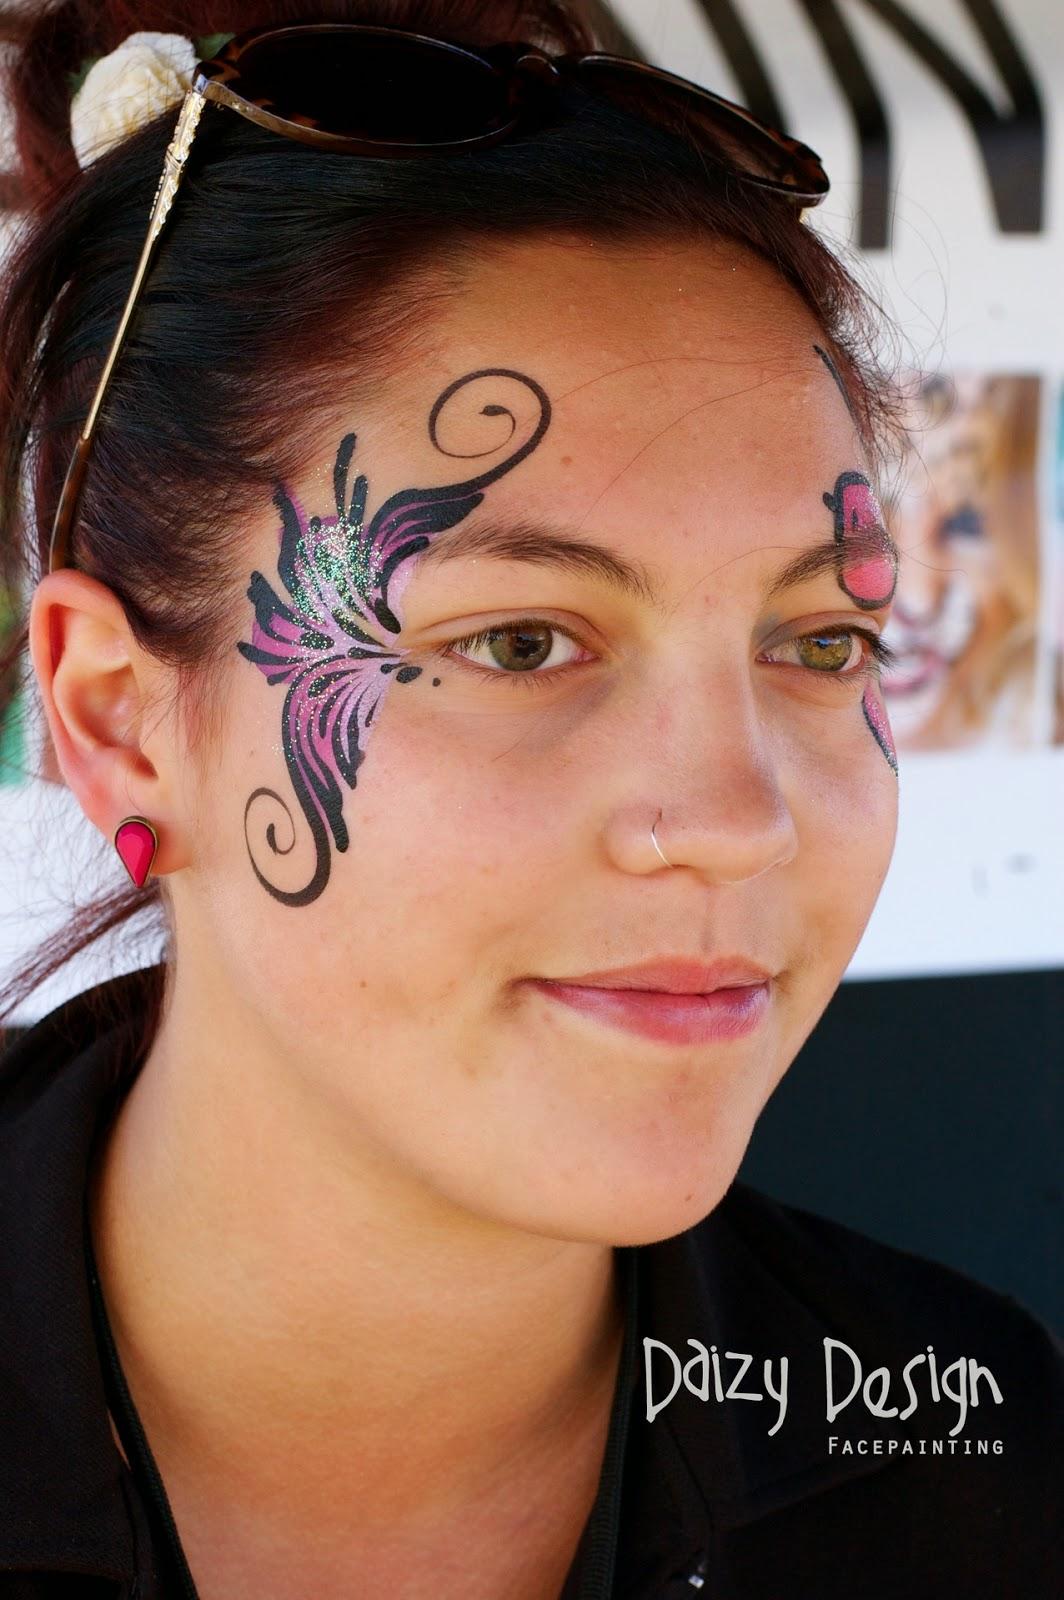 صور , أفكار , رسم , الوجه , Daizy Design , عطلته , شكل , بسيط , جميل , ذاكرة ,طفلك